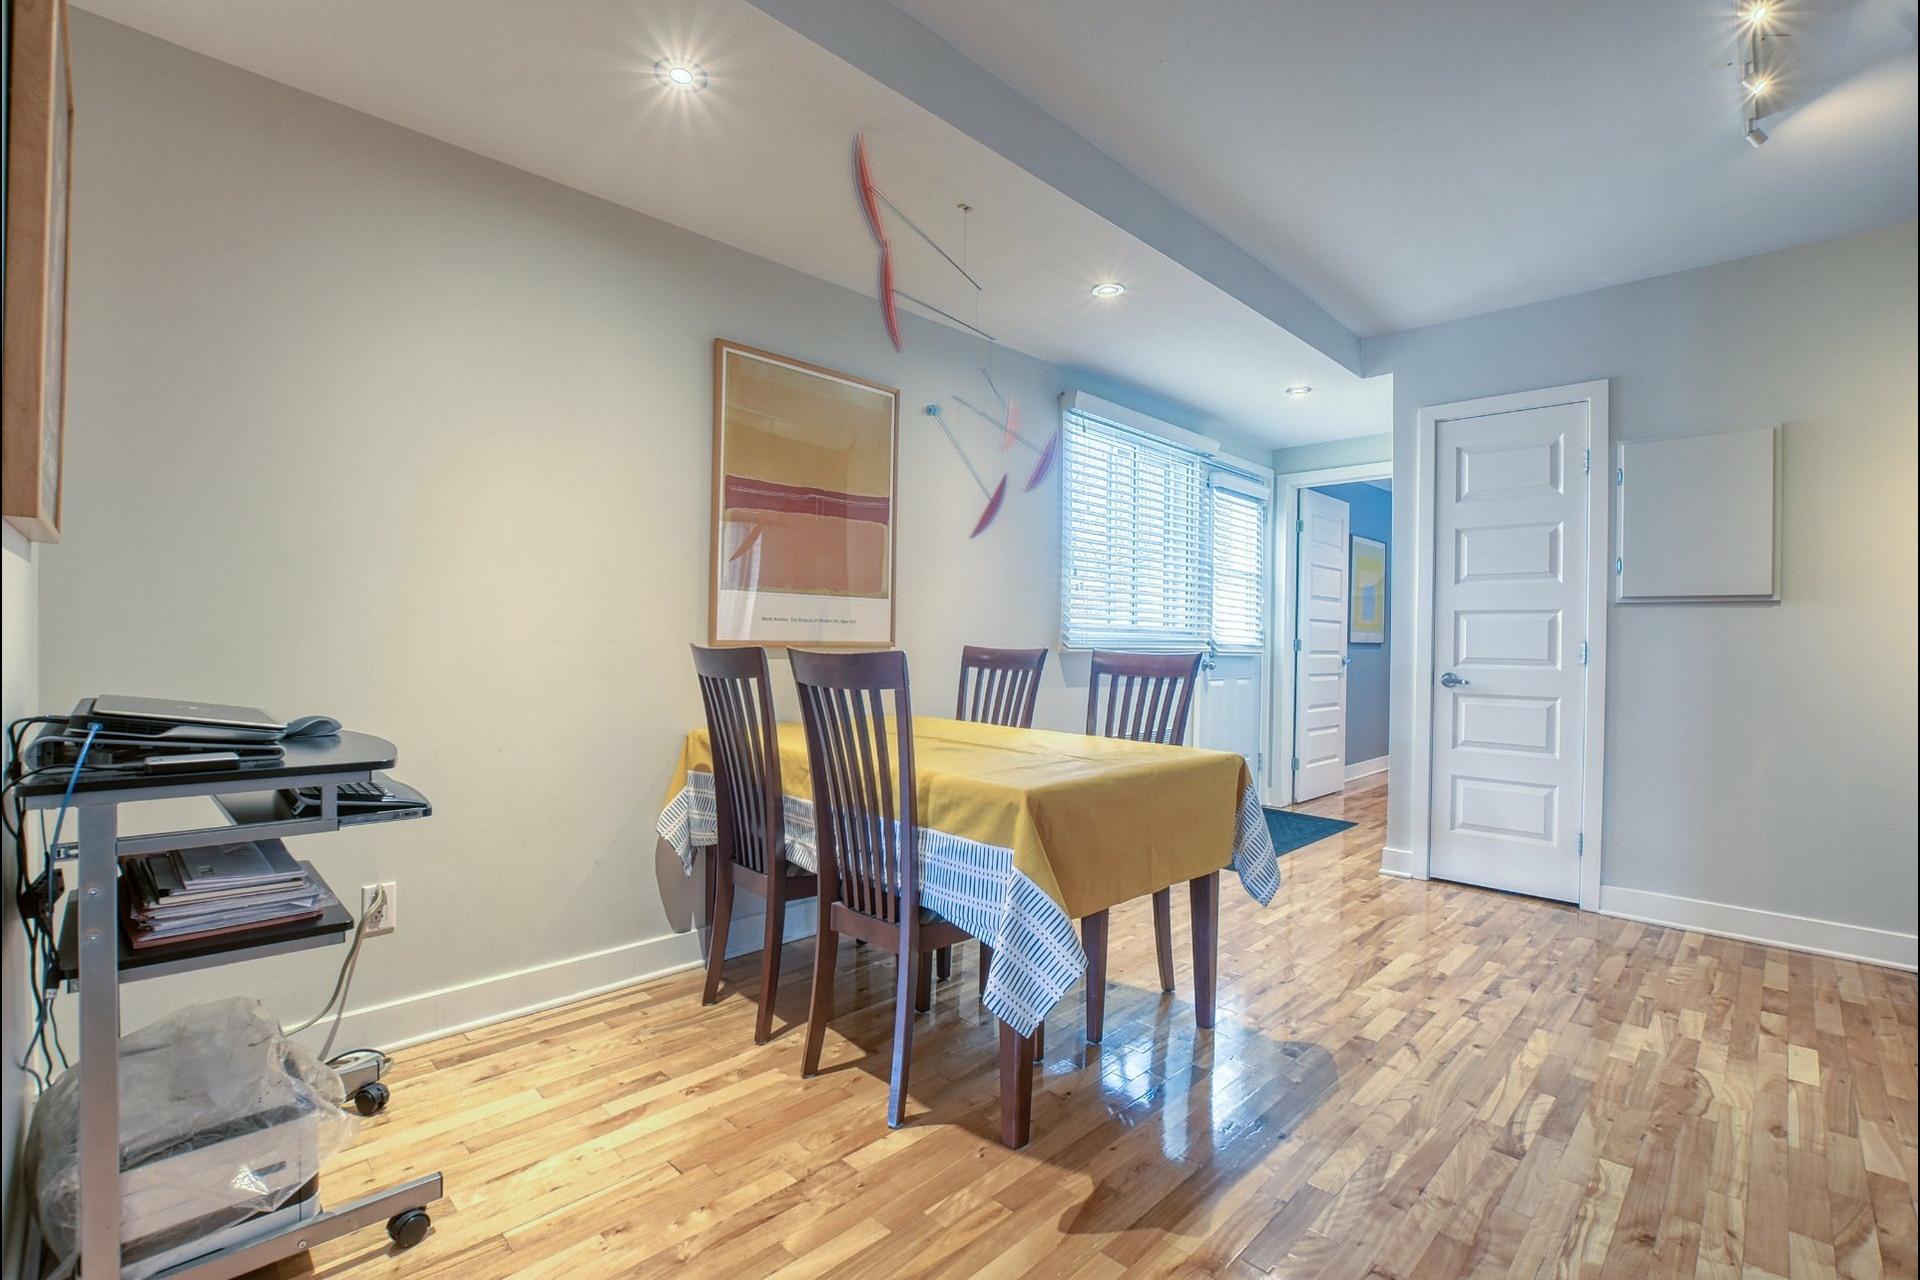 image 6 - Appartement À vendre Mercier/Hochelaga-Maisonneuve Montréal  - 4 pièces